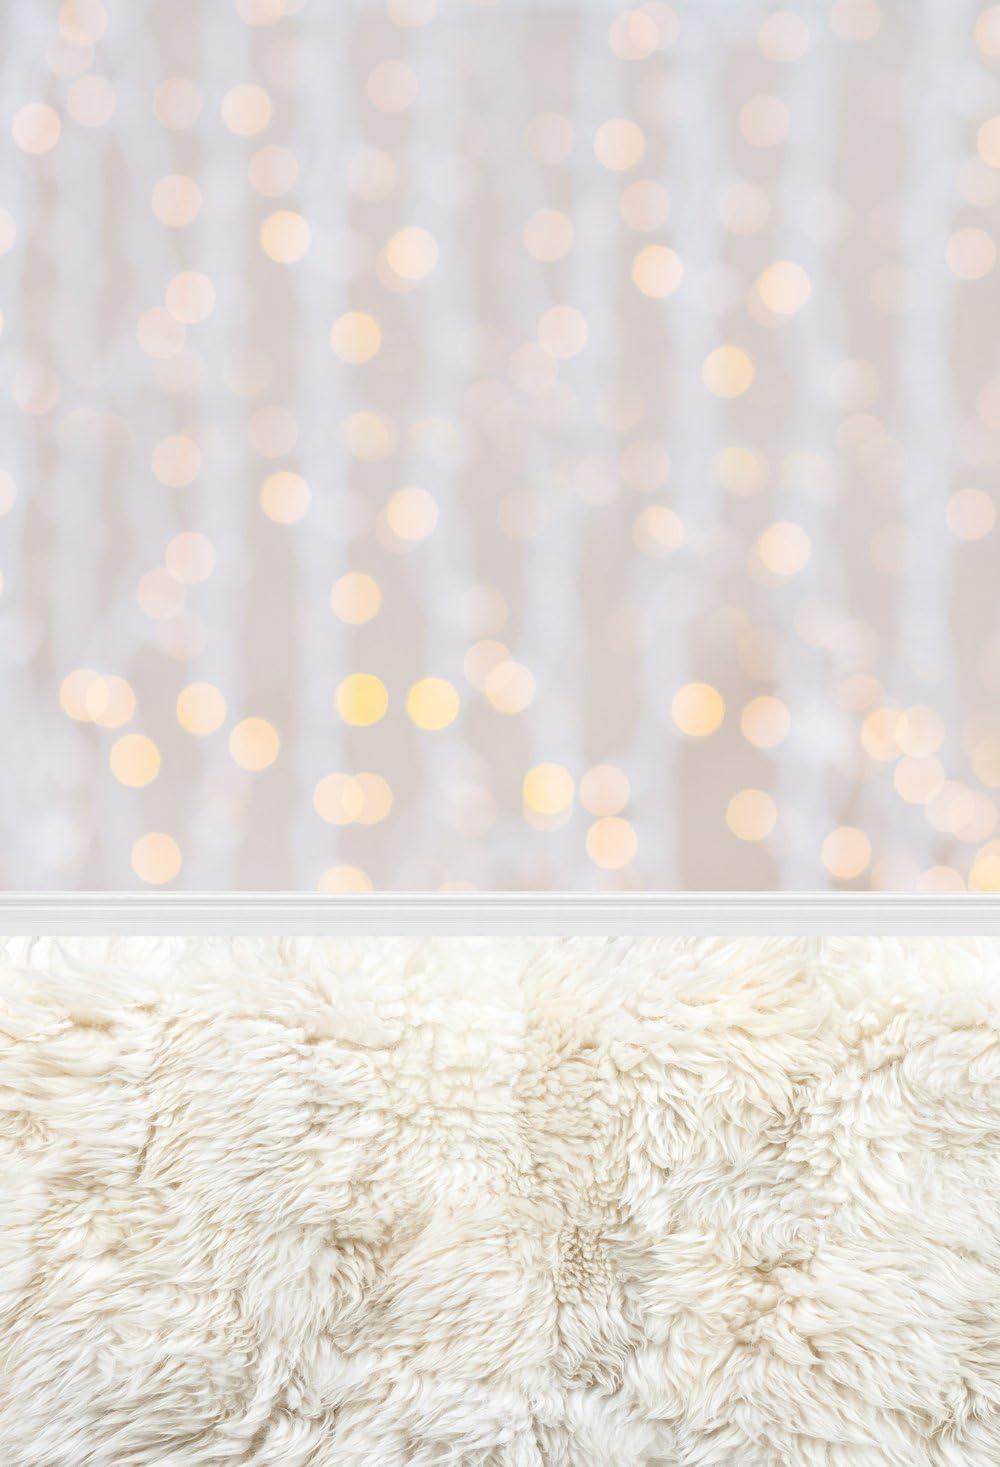 Fus 5 X 2 1 Neuesten Wasserdicht Baumwolle Polyester Elektronik